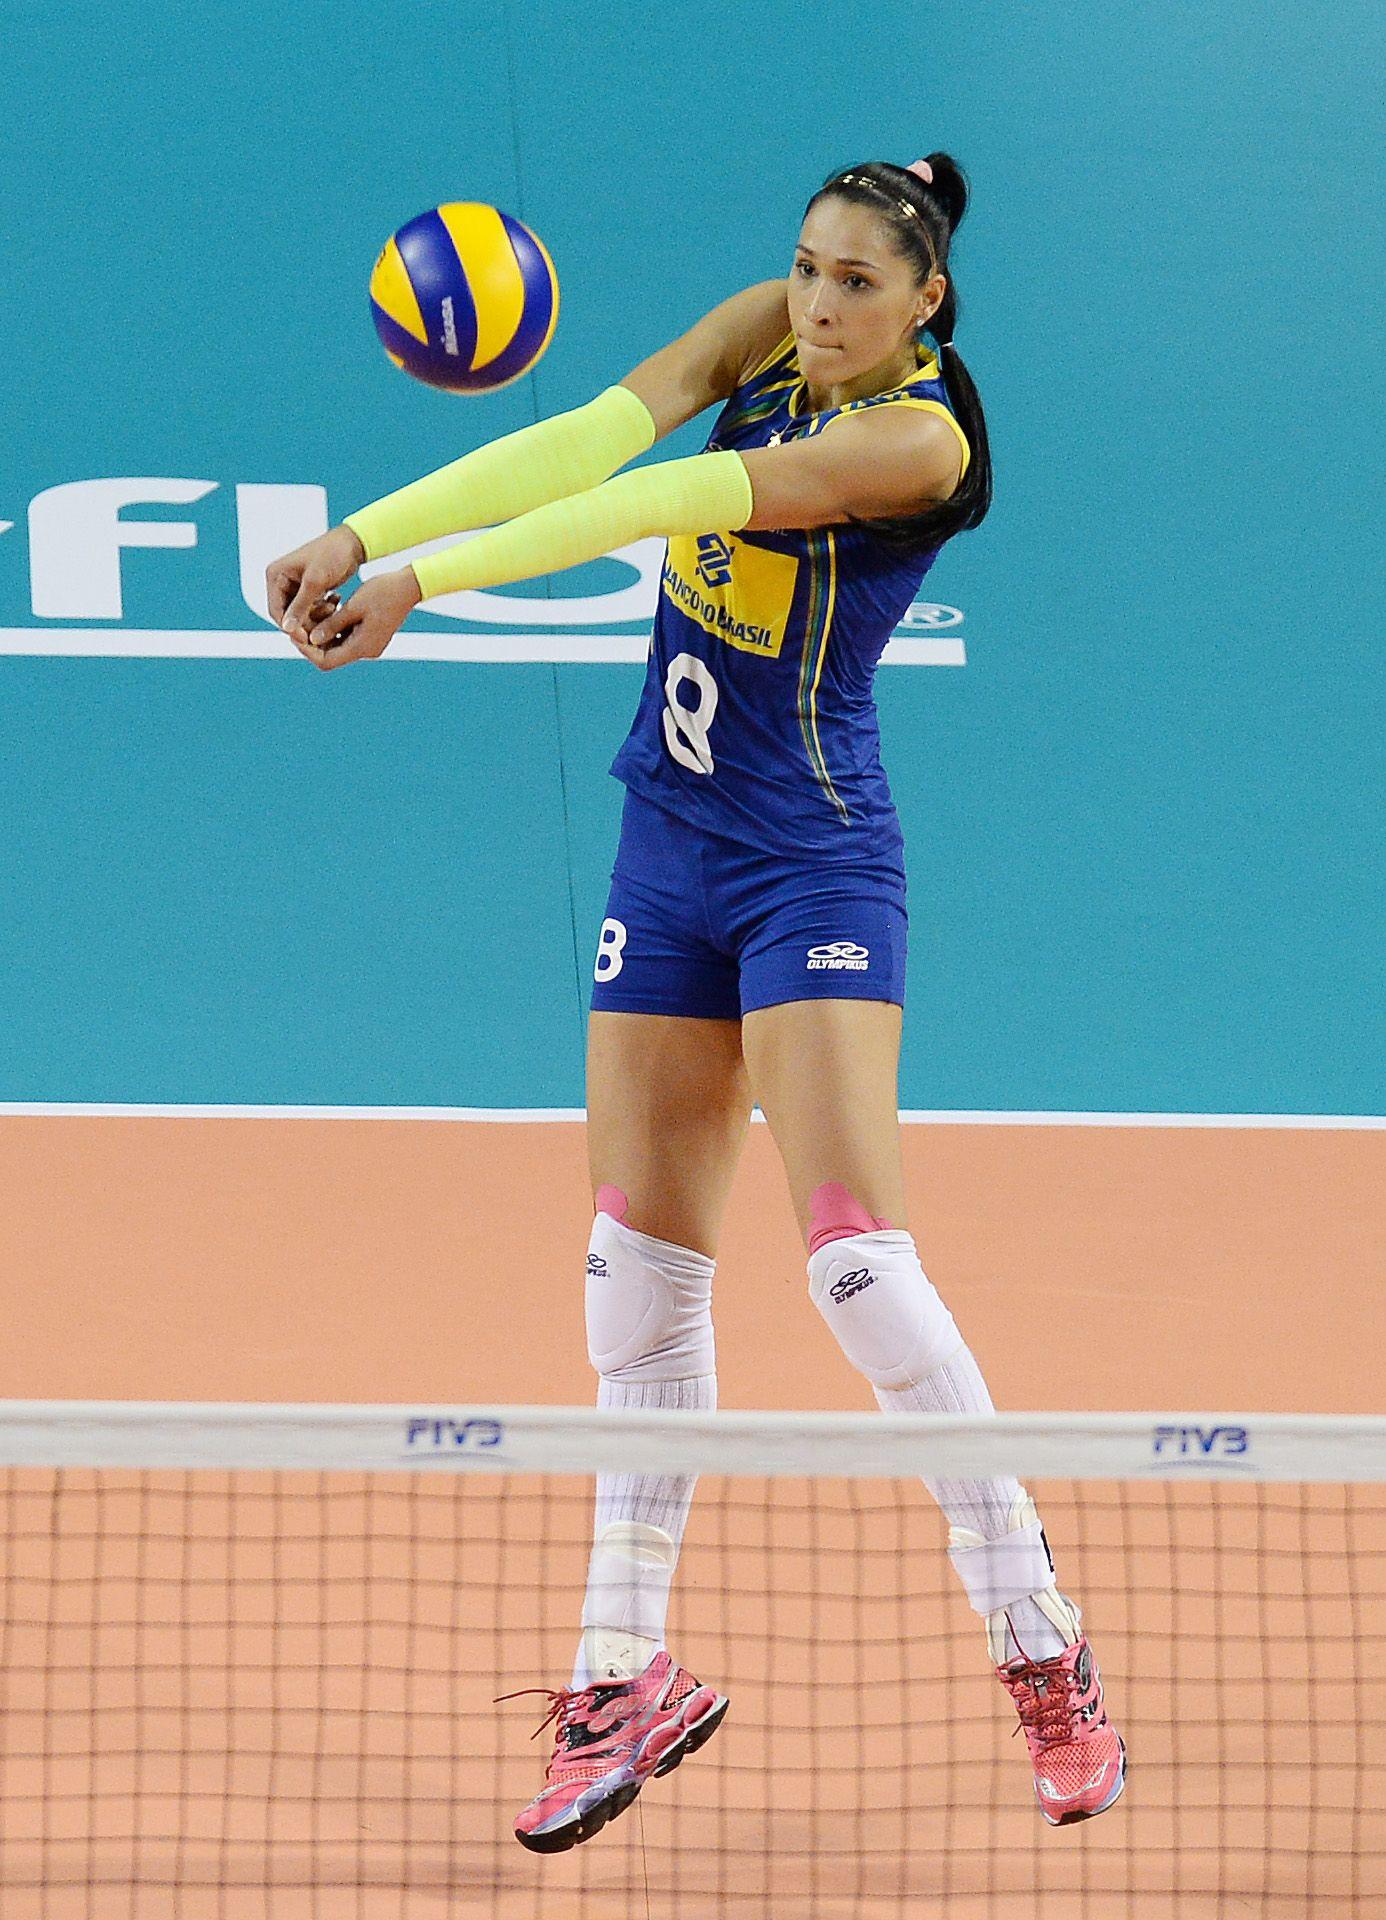 Jaqueline Pereira De Carvalho Endres Of Brazil Receives The Ball Against China Female Volleyball Players Volleyball Workouts Volleyball Players